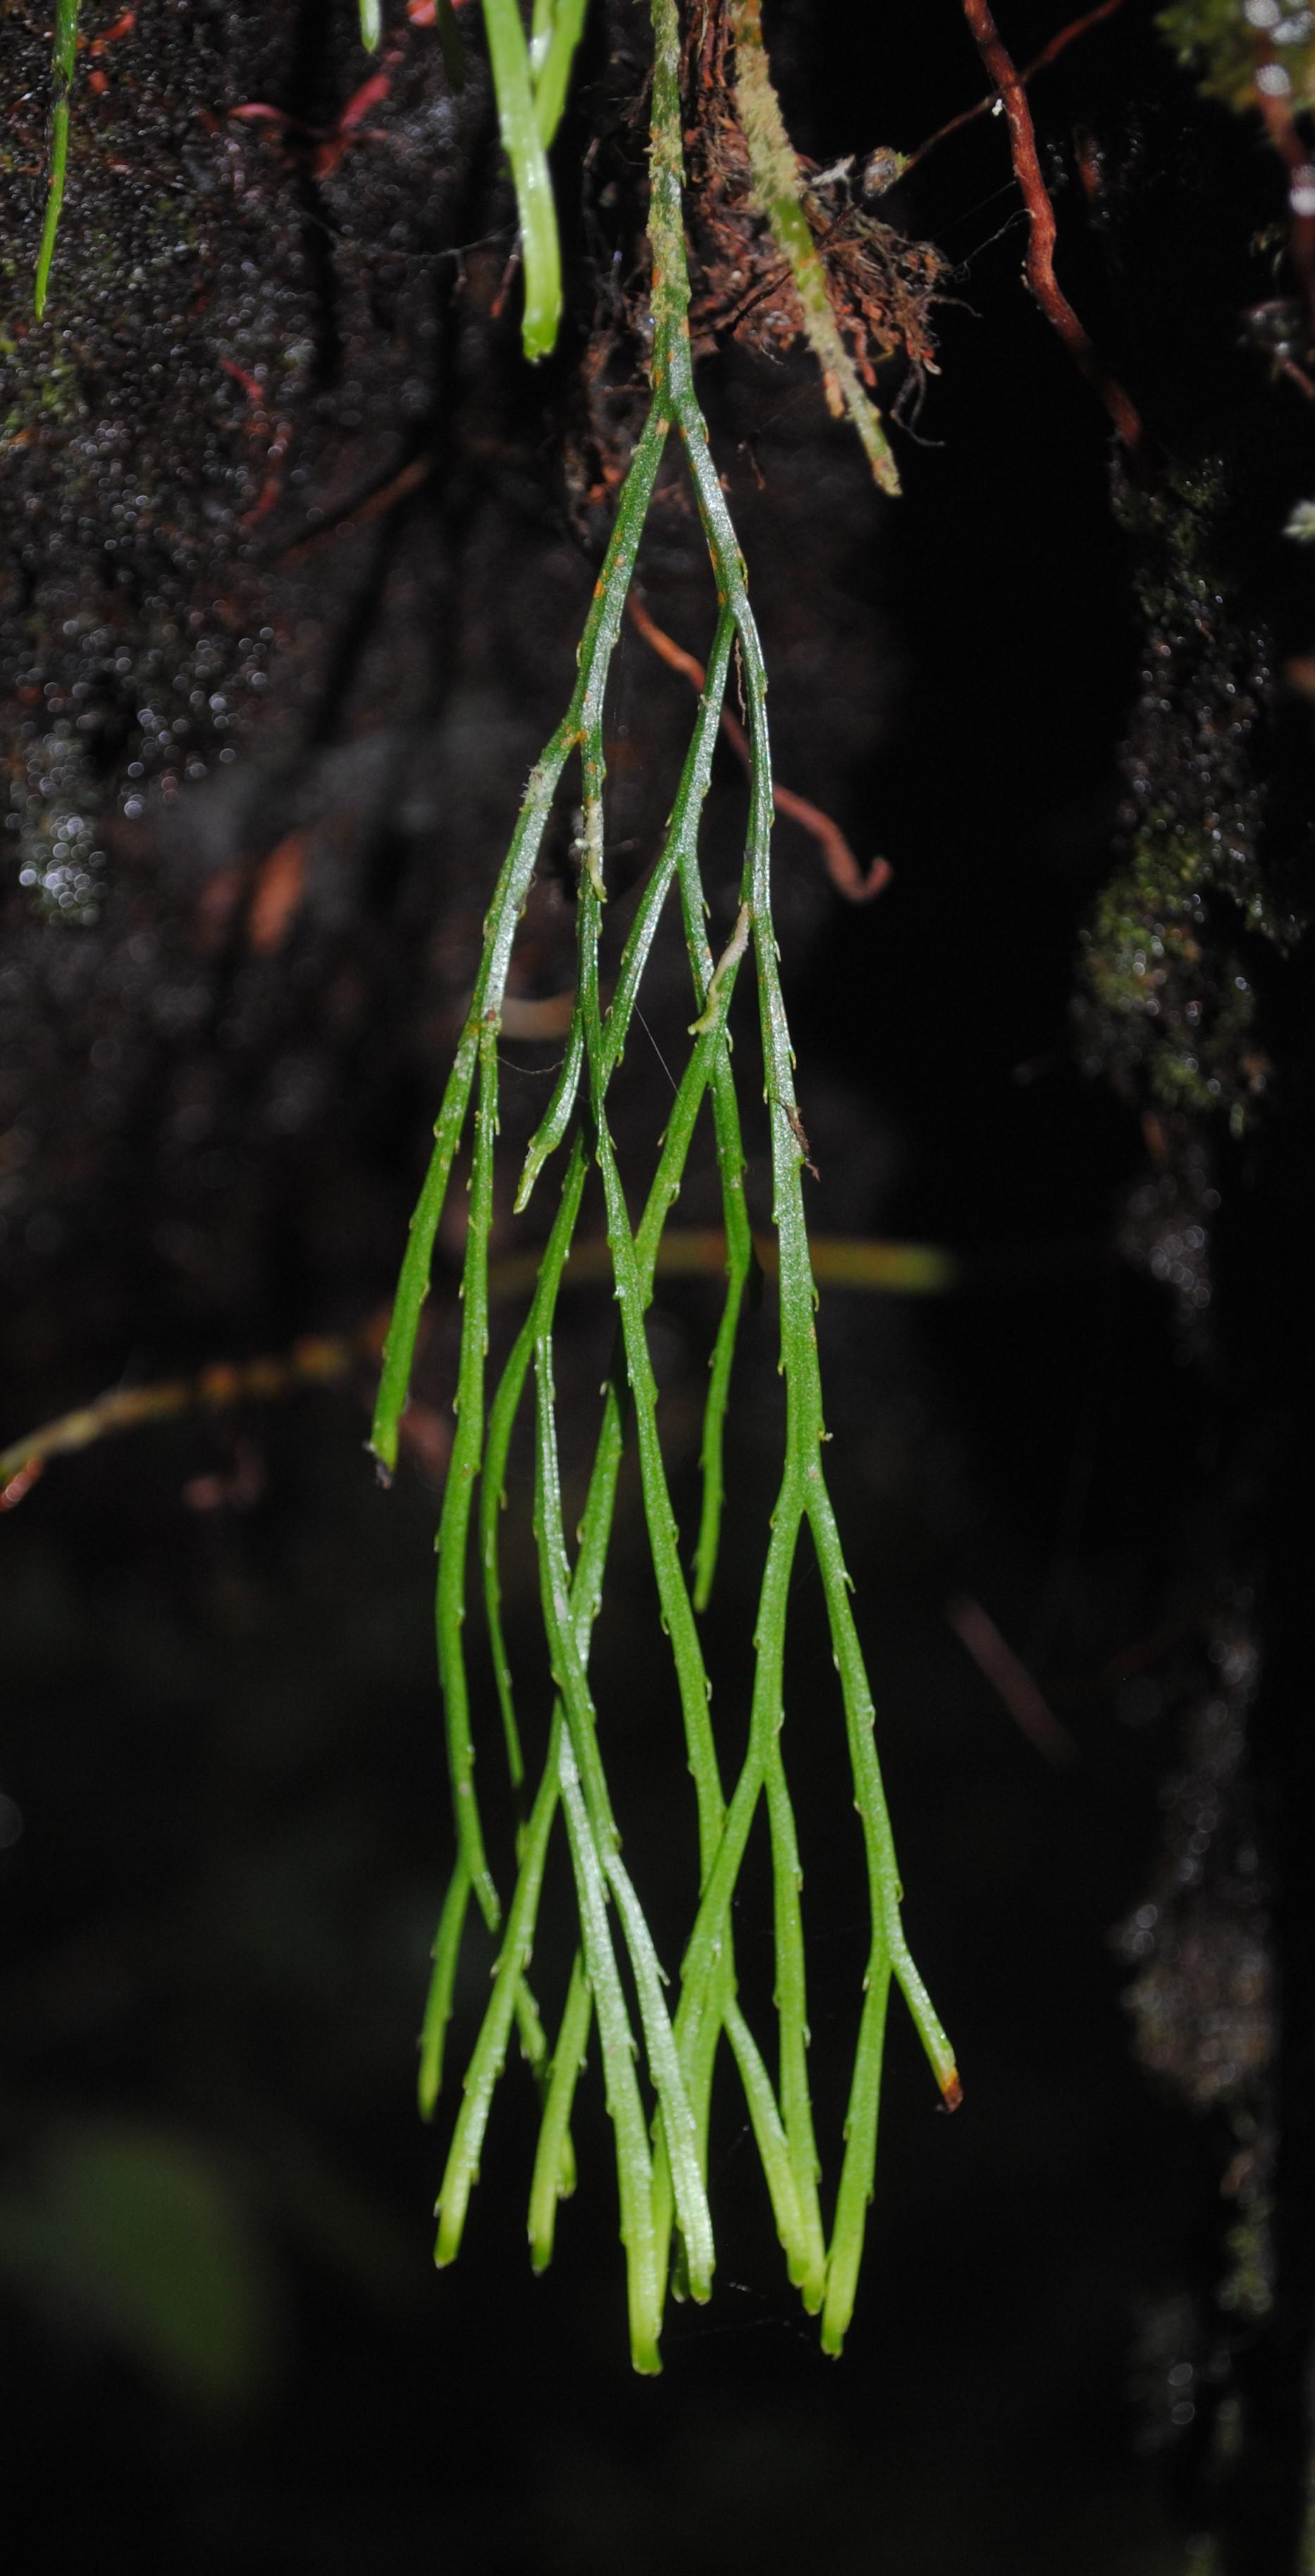 Psilotum complanatum